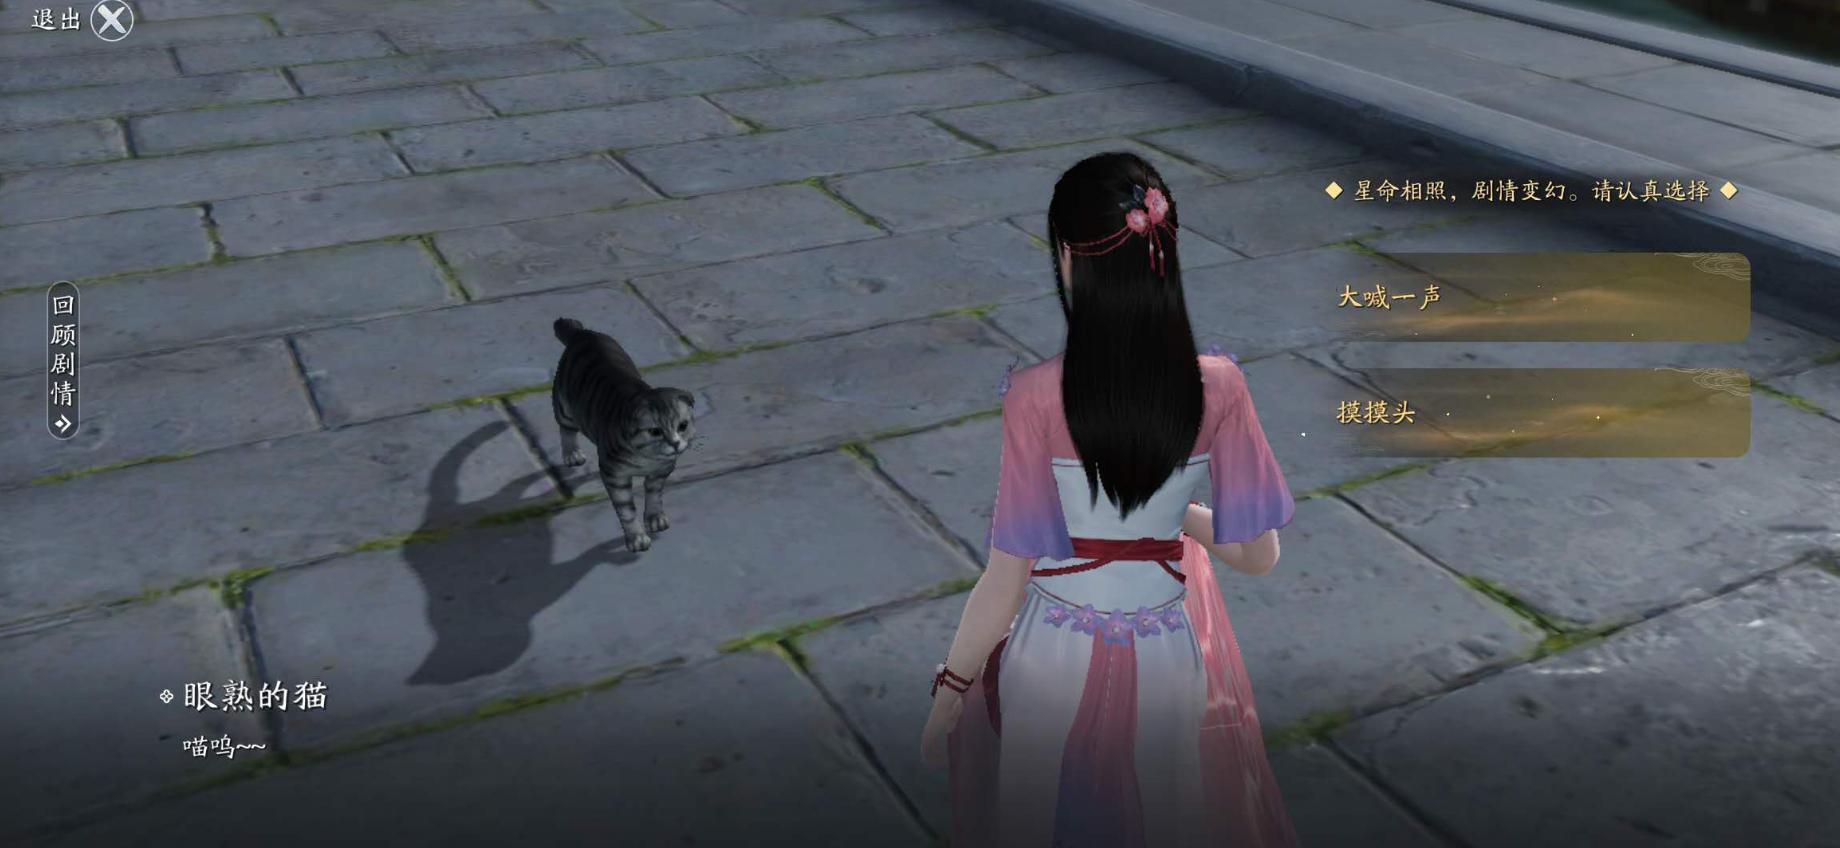 天涯明月刀手游猫之友奇遇攻略 奇遇任务流程及玩法分享